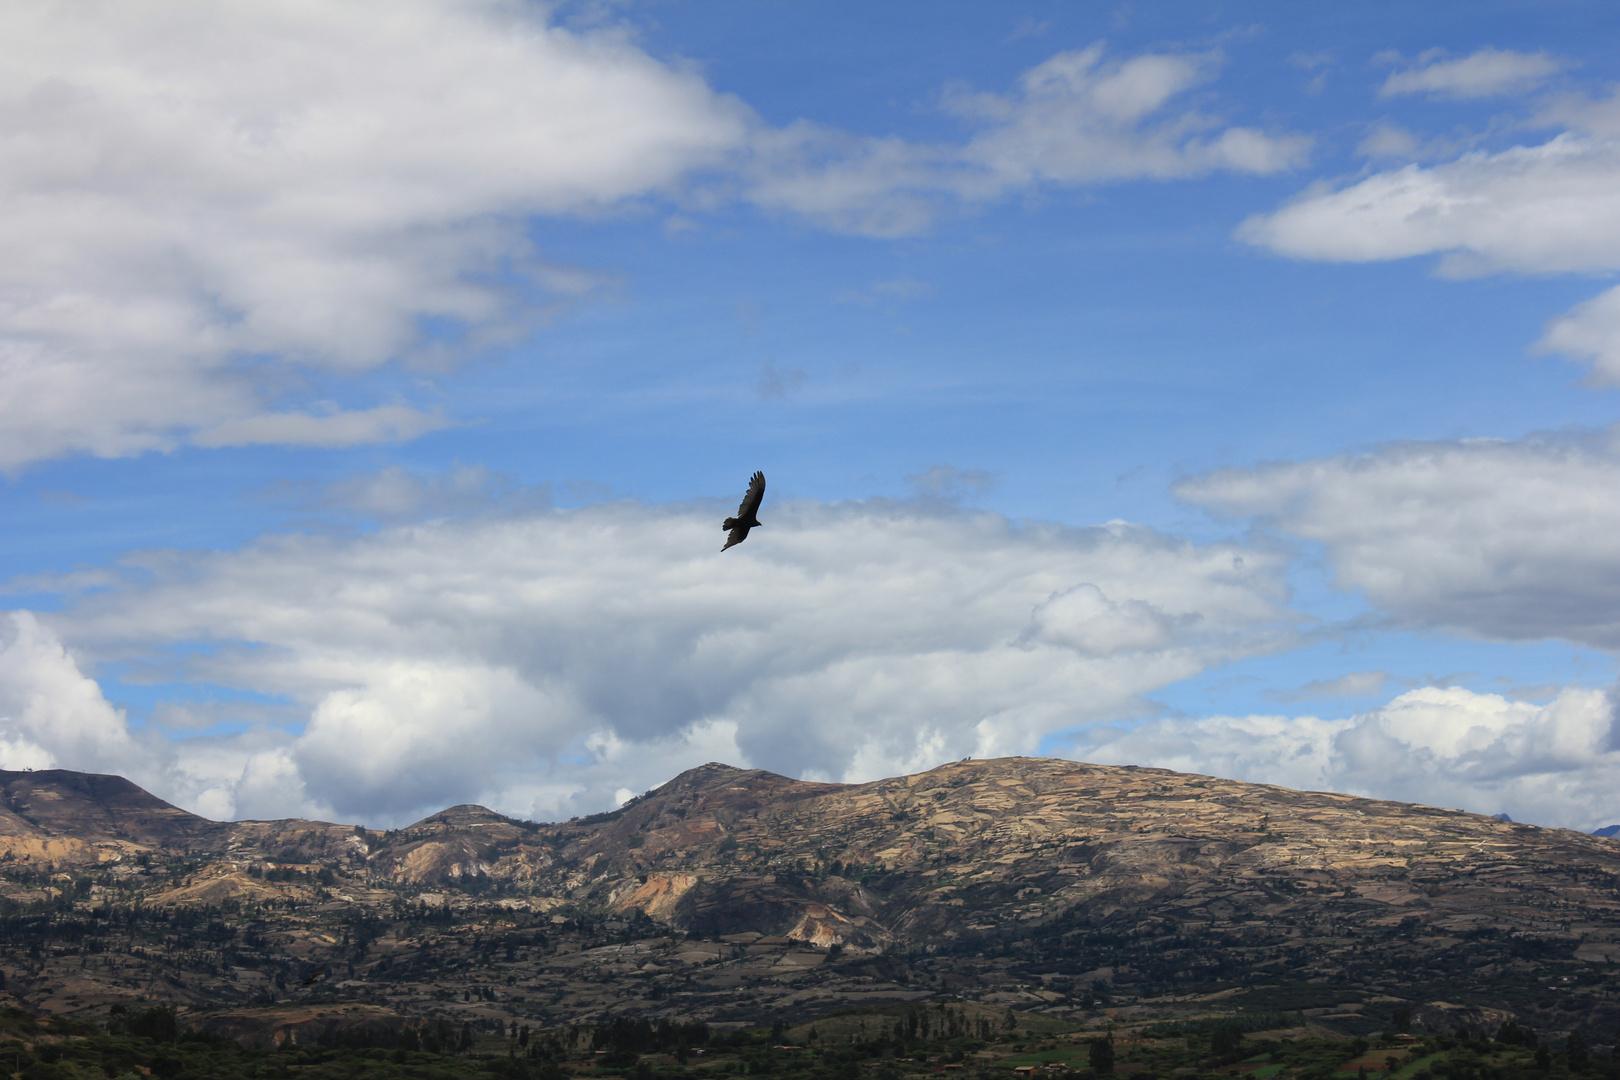 aguila volando en el cielo de Huayobamba San Marcos Cajamarca Perú